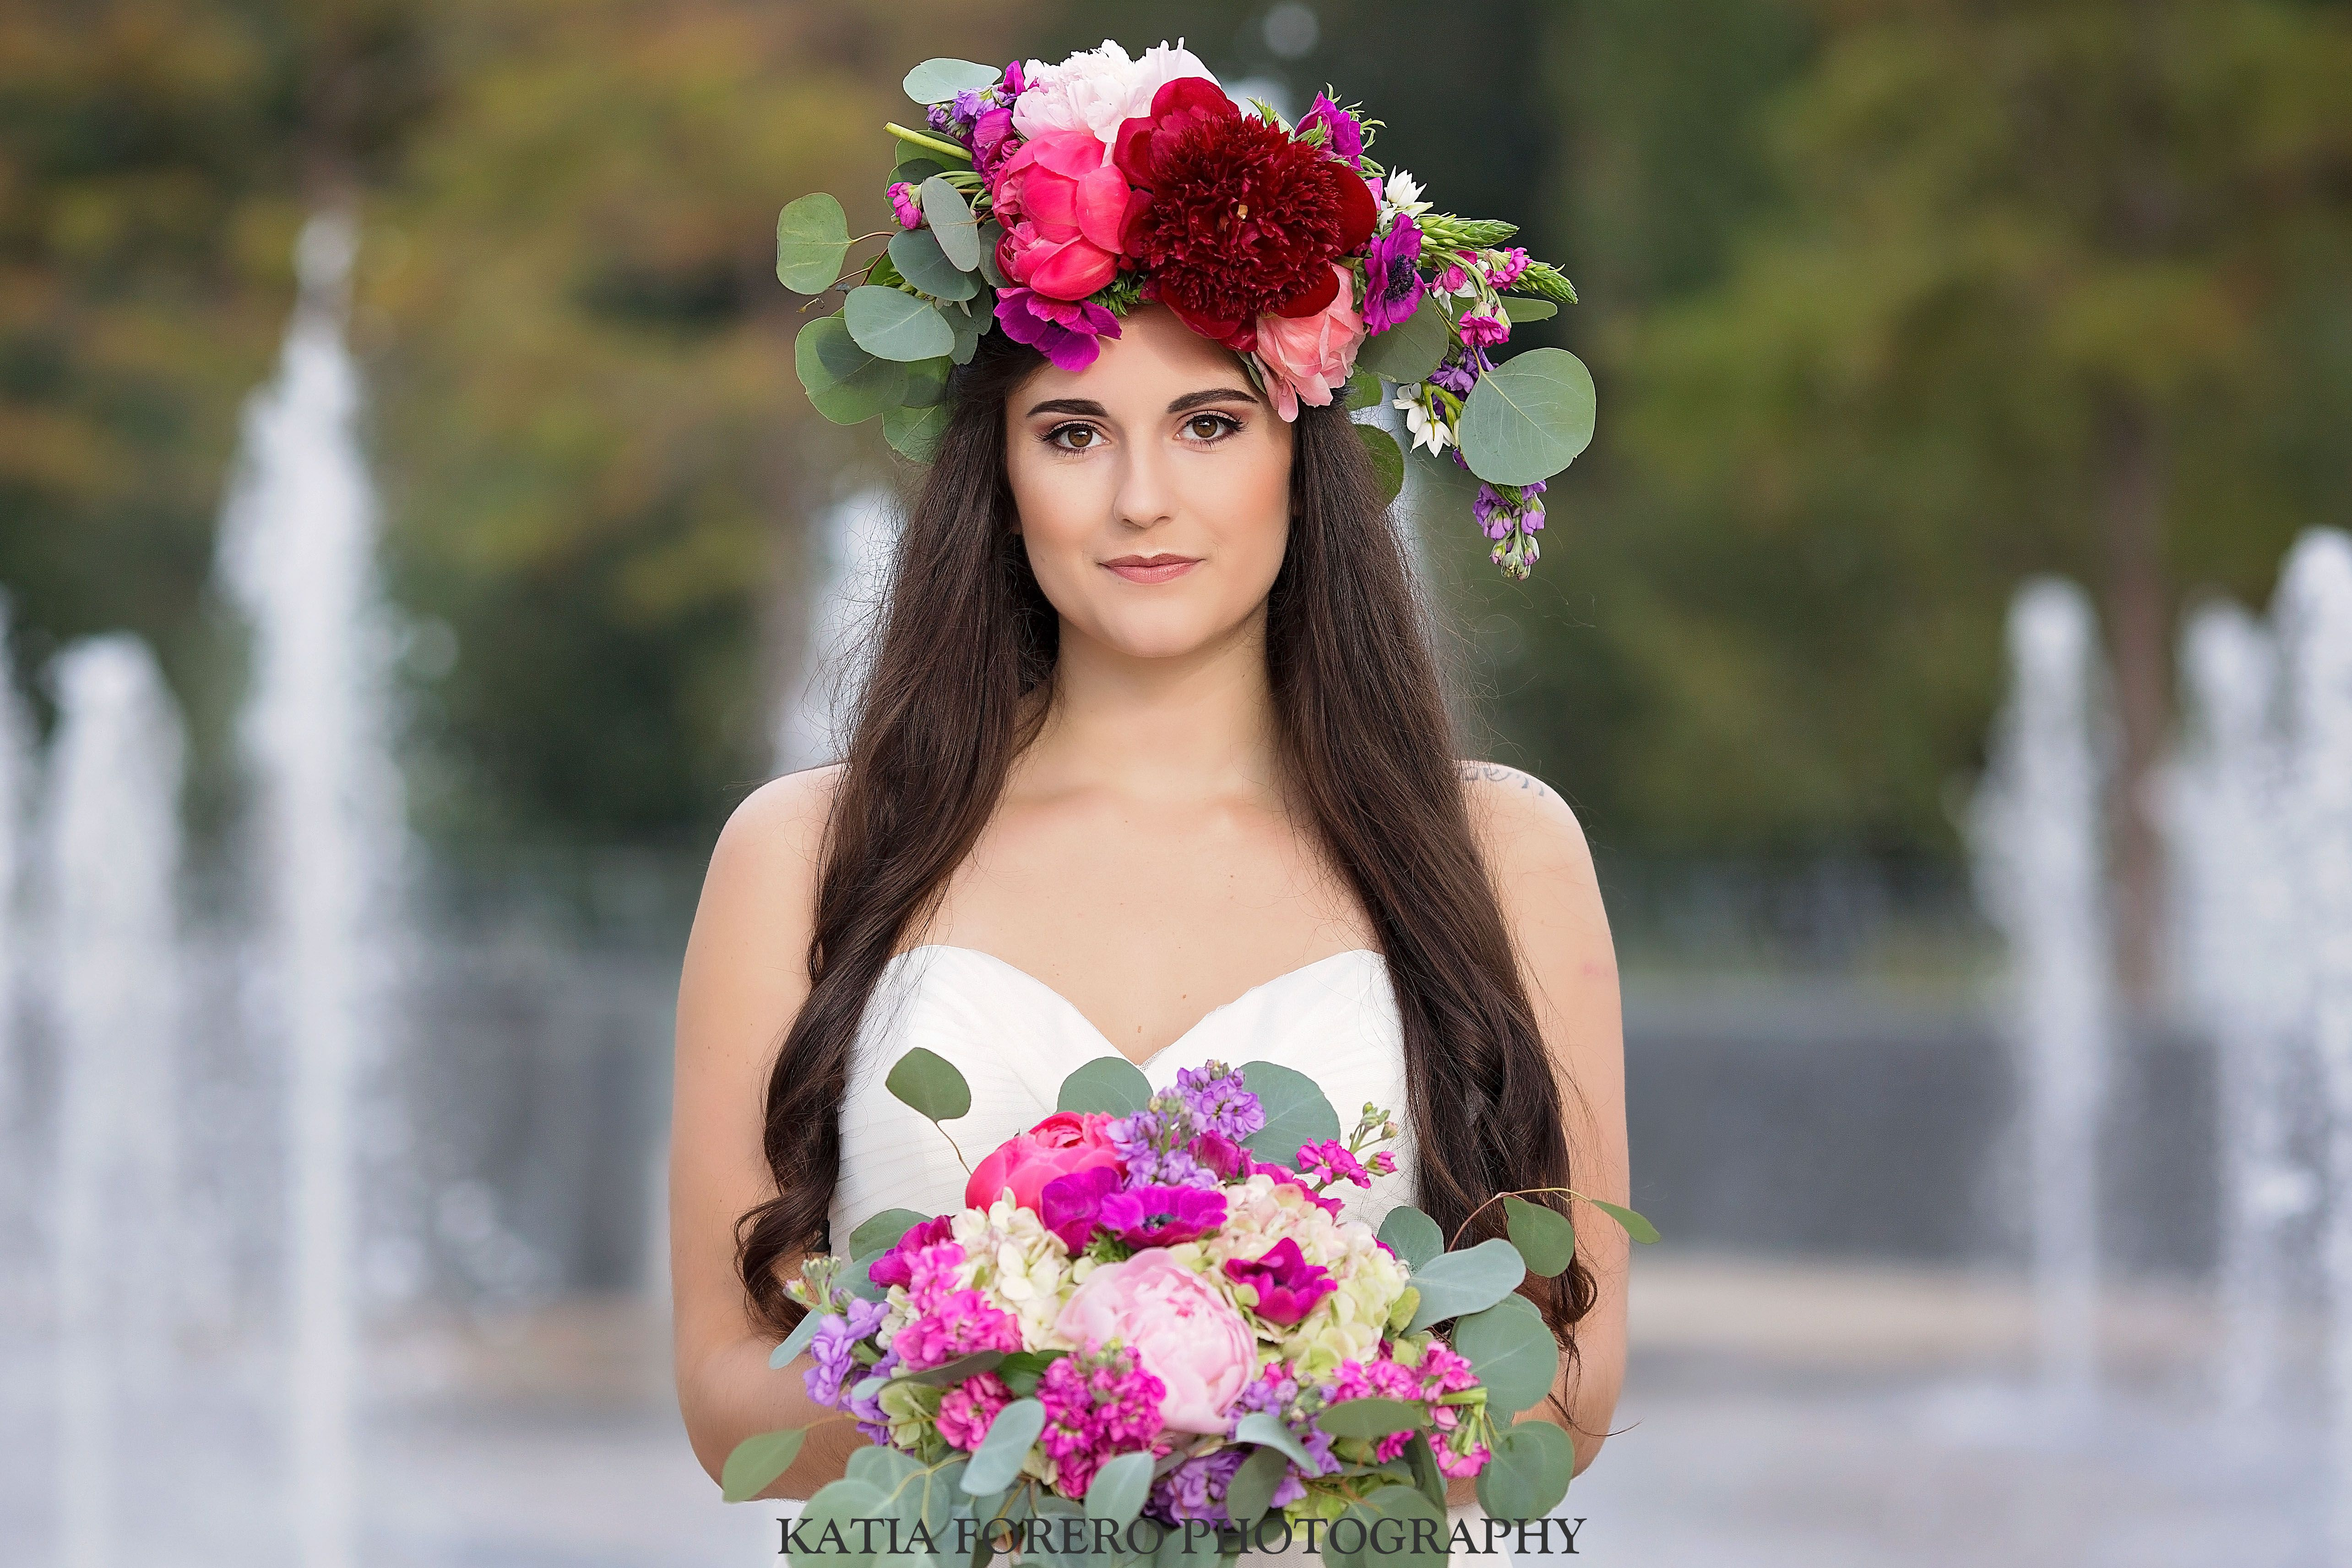 Angies floral designs is el pasos premier wedding